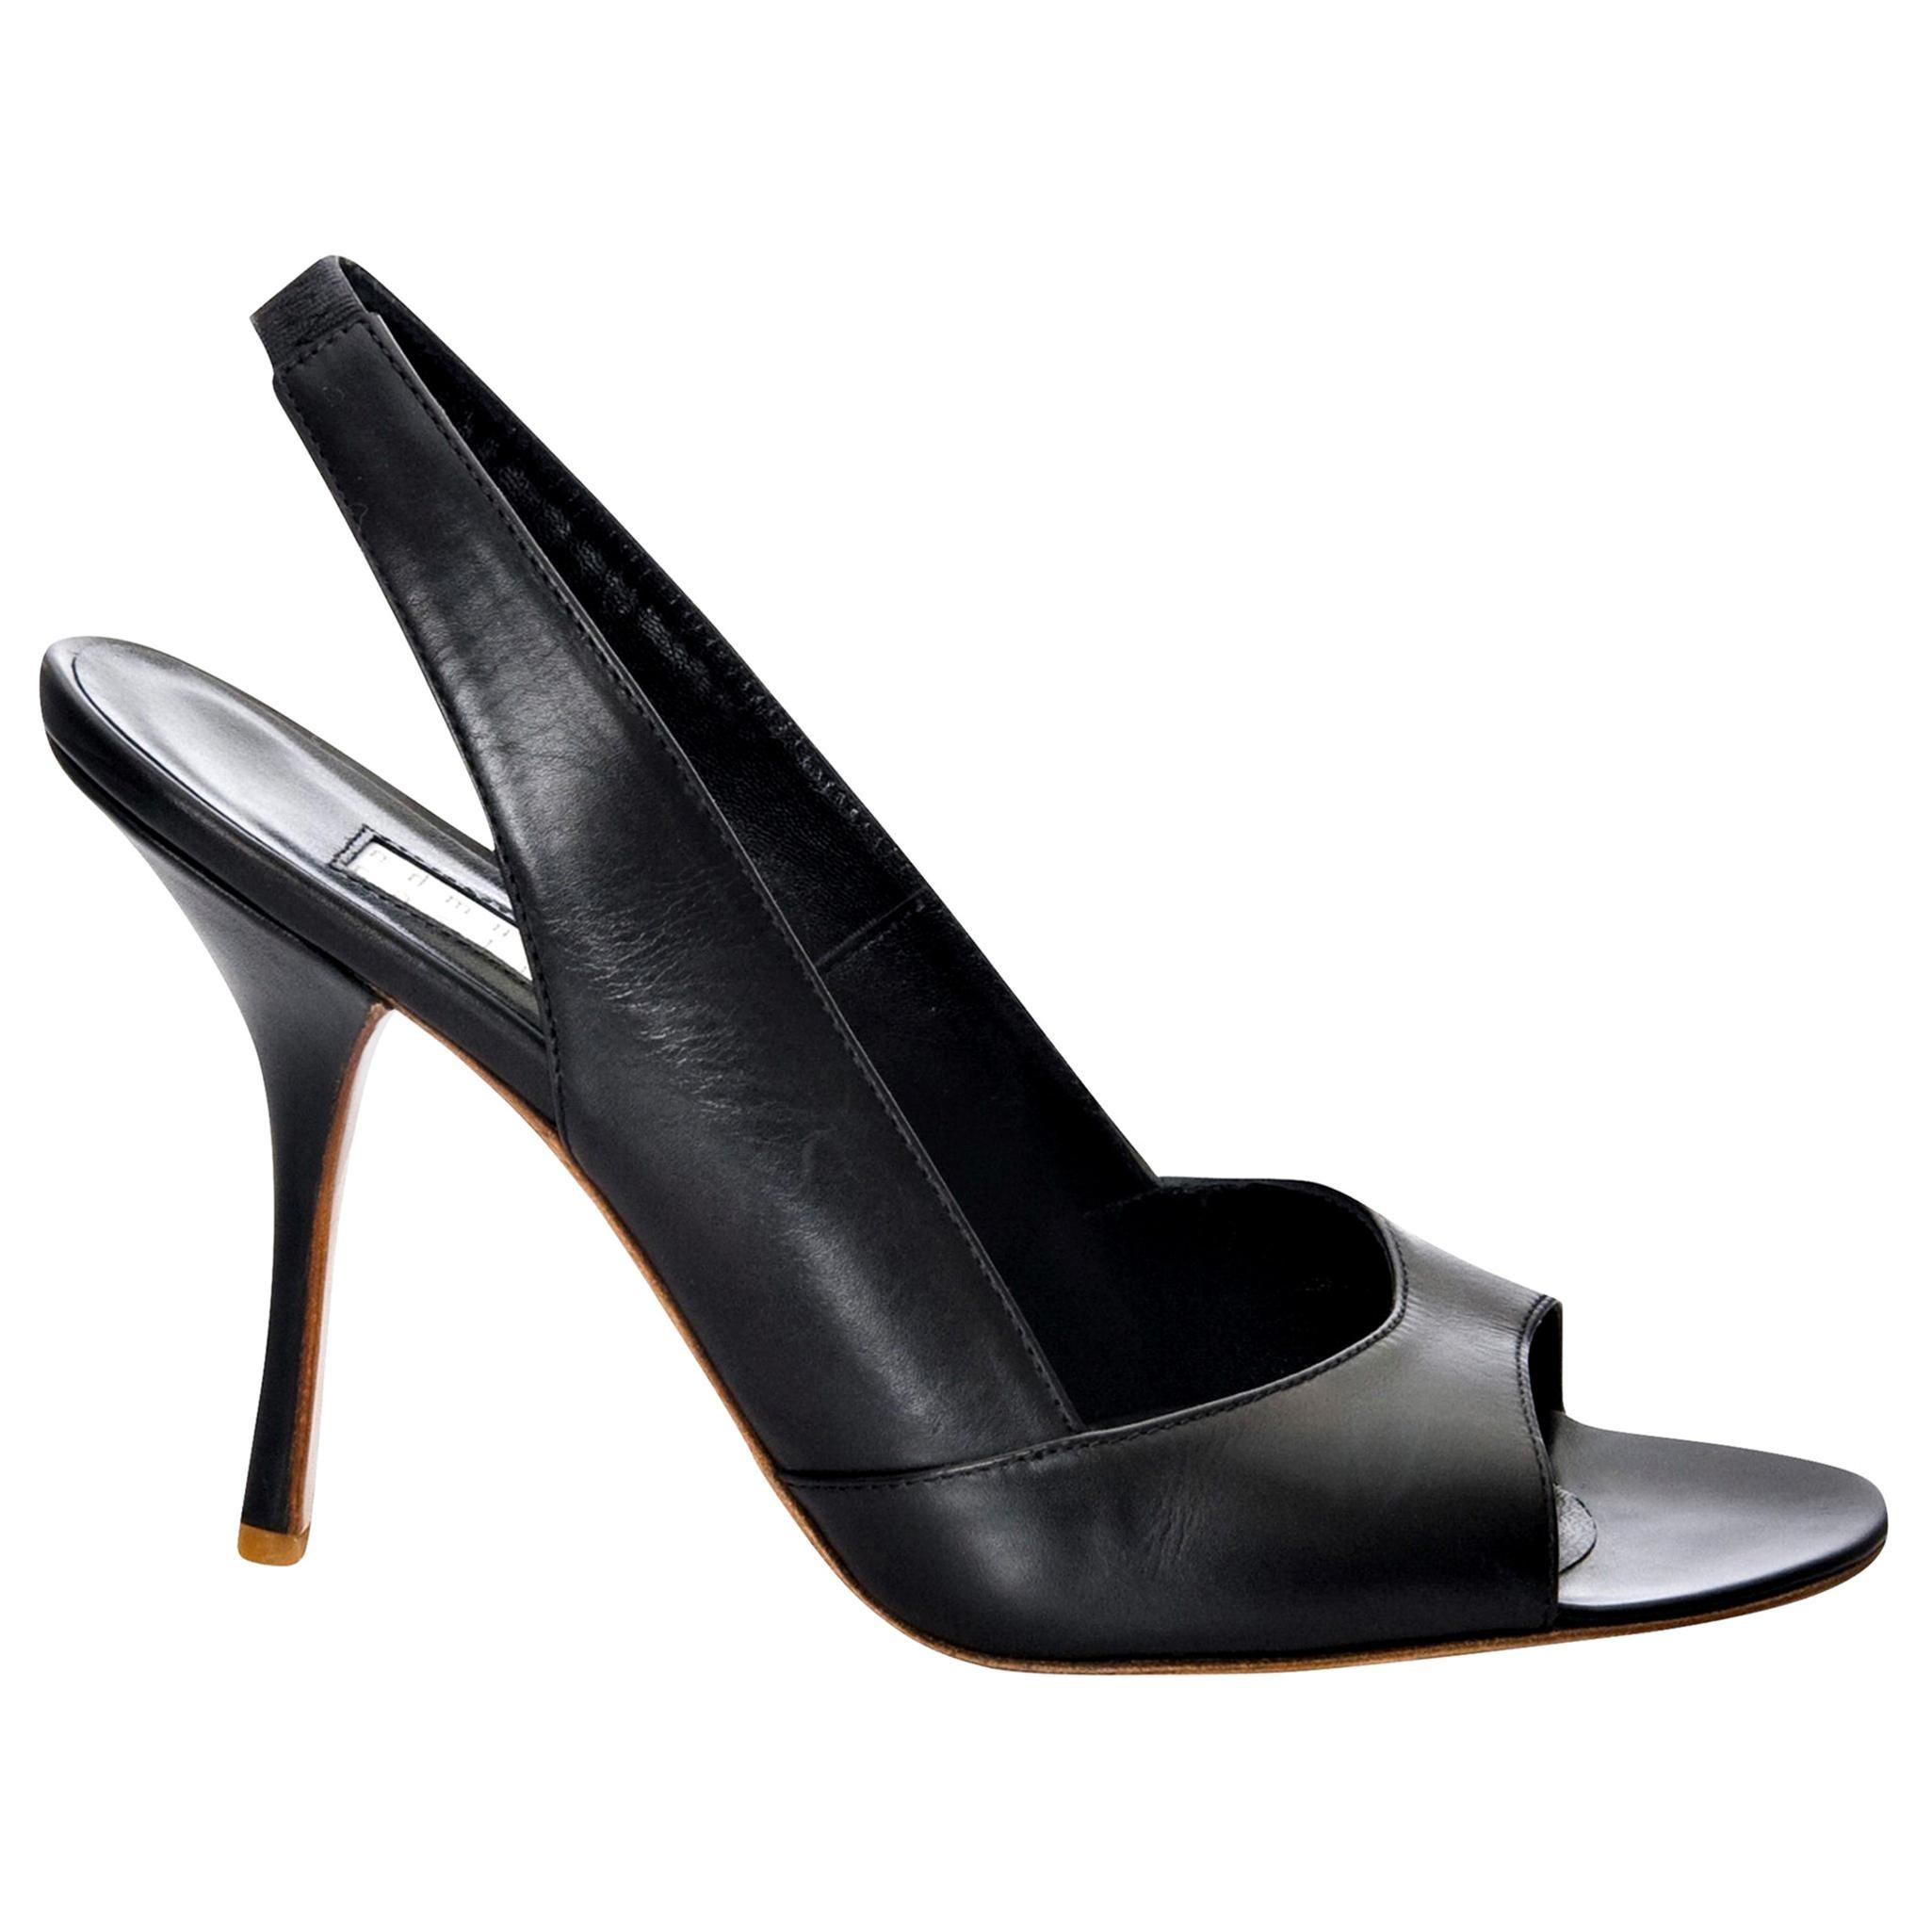 New Edmundo Castillo Black Leather Sling Heels